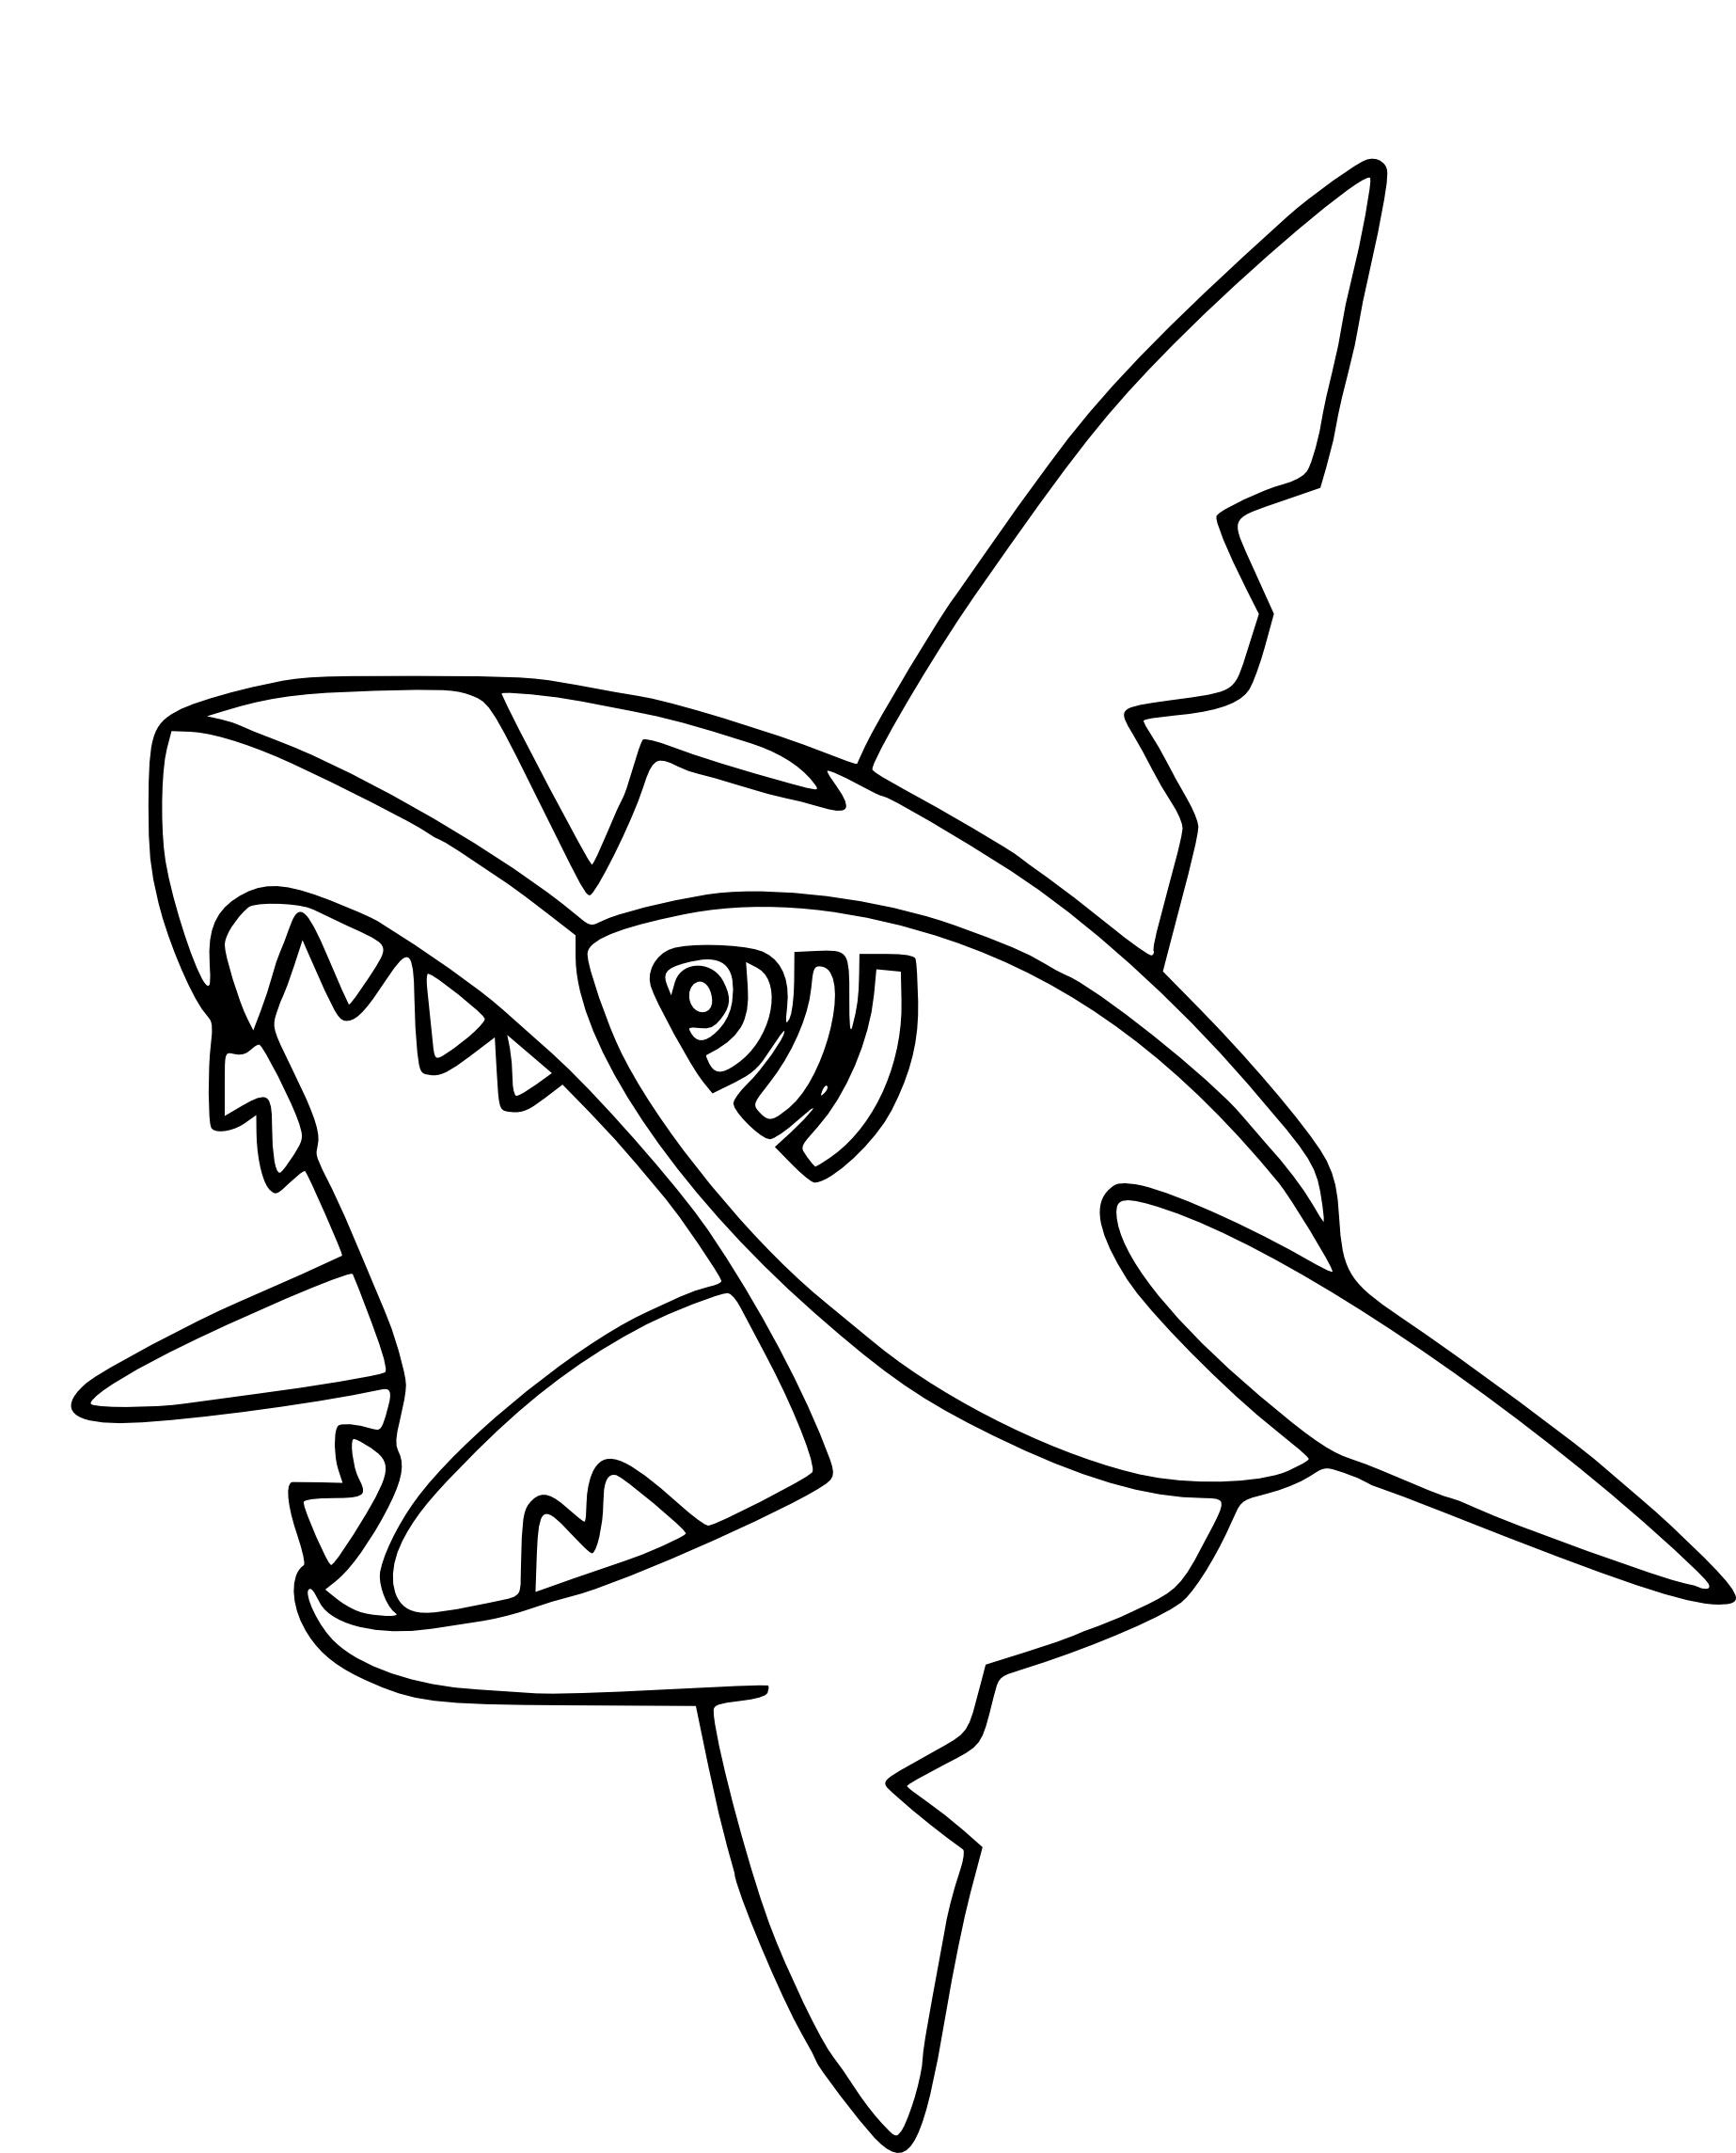 Coloriage sharpedo pokemon imprimer for Immagini squali da stampare